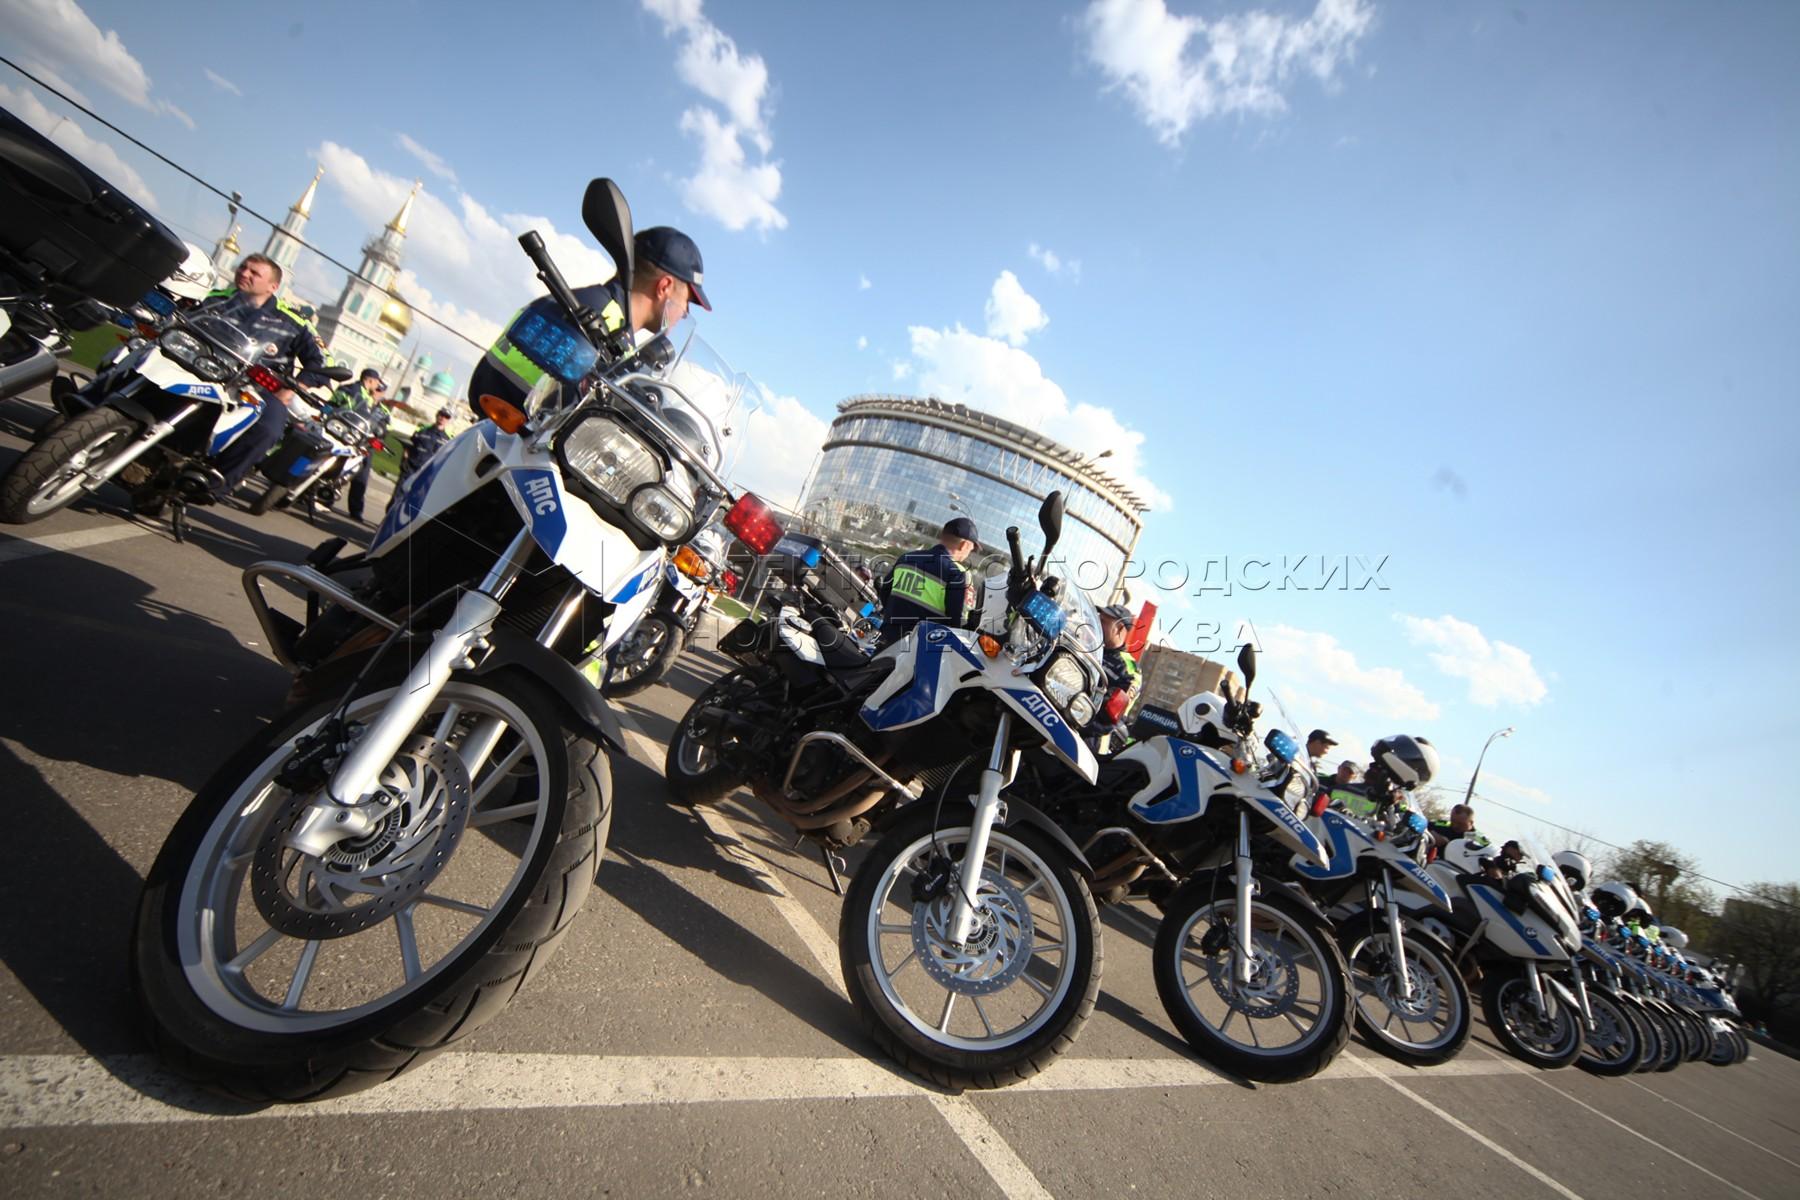 Cтроевой смотр готовности техники и личного состава ГИБДД к открытию мотосезона-2017 в Москве.